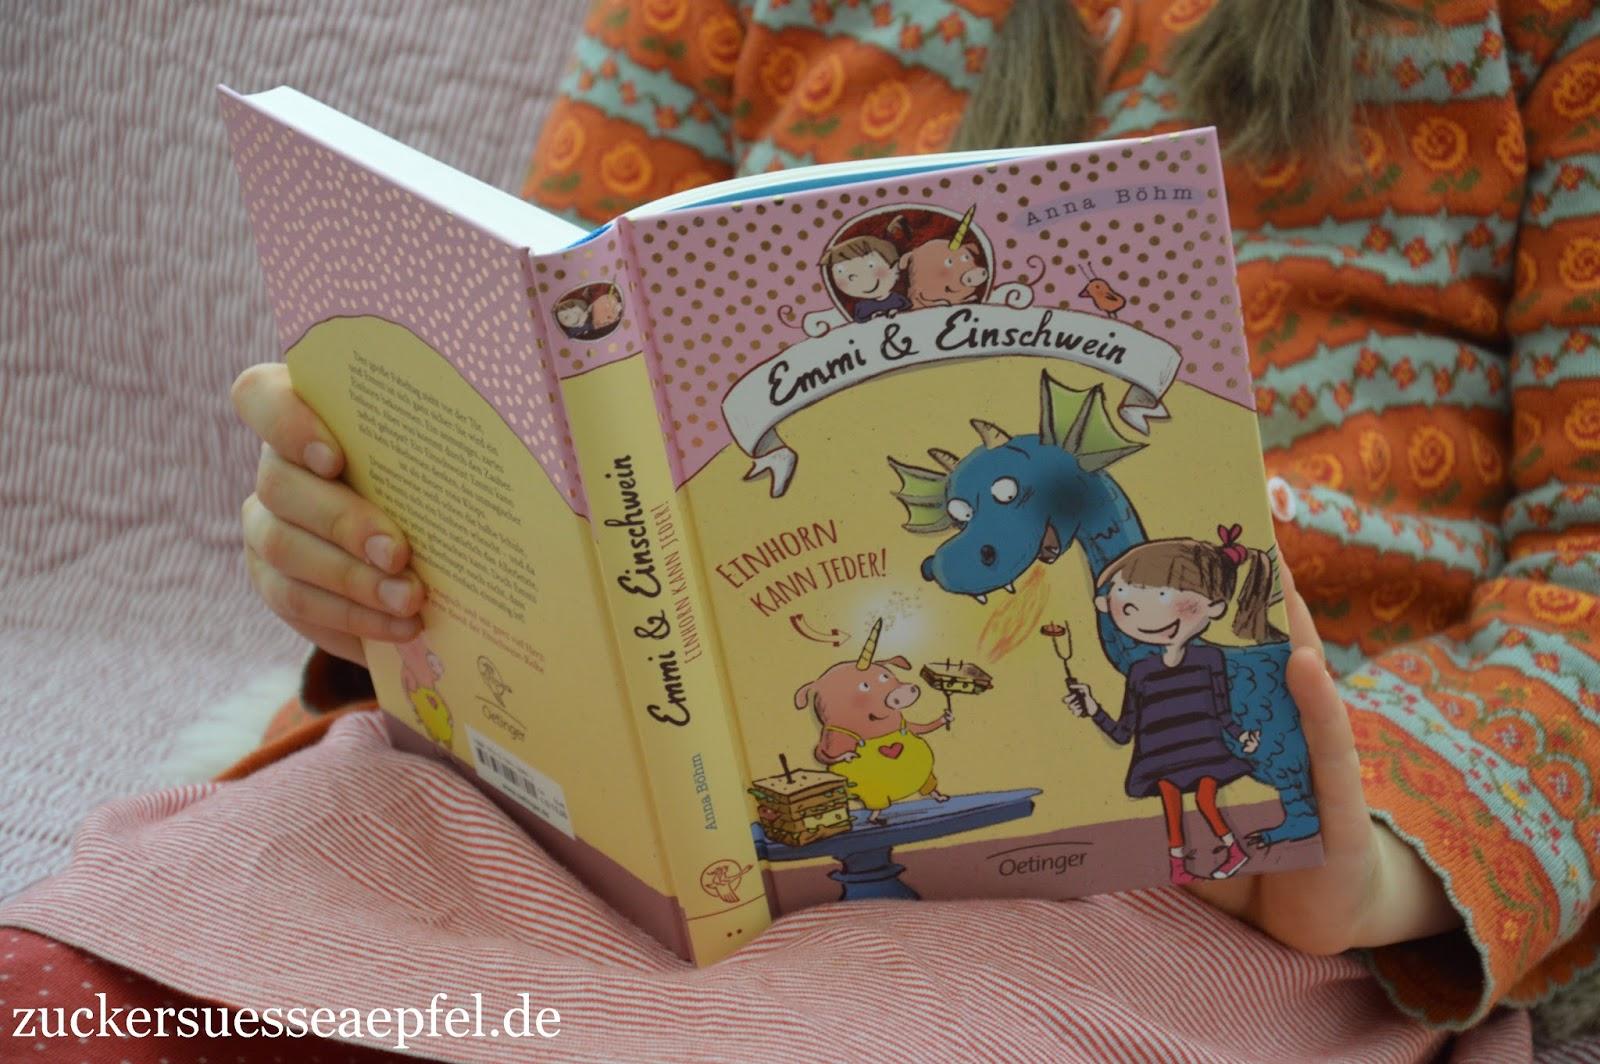 Das Zauberhafte Buch Emmi Einschwein Einhorn Kann Jeder Mit